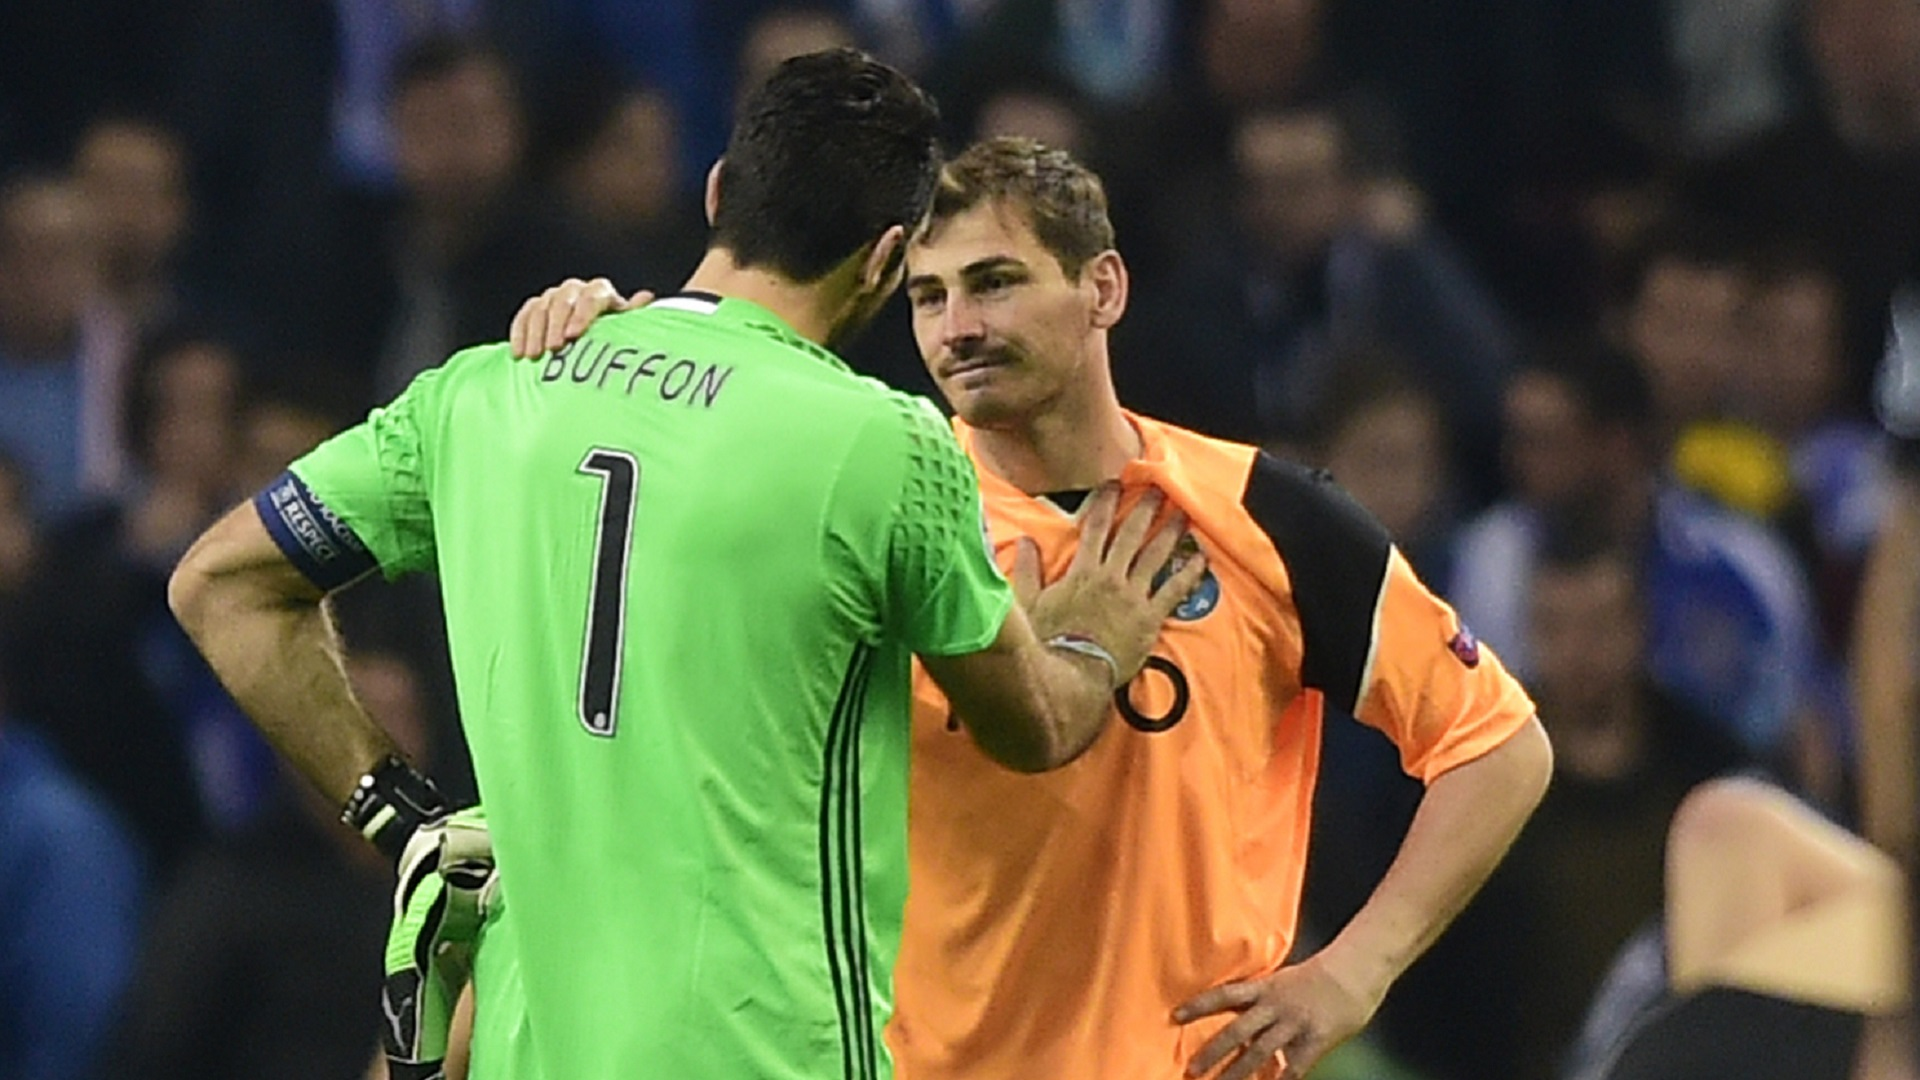 2019-06-12 2017 Casillas Buffon